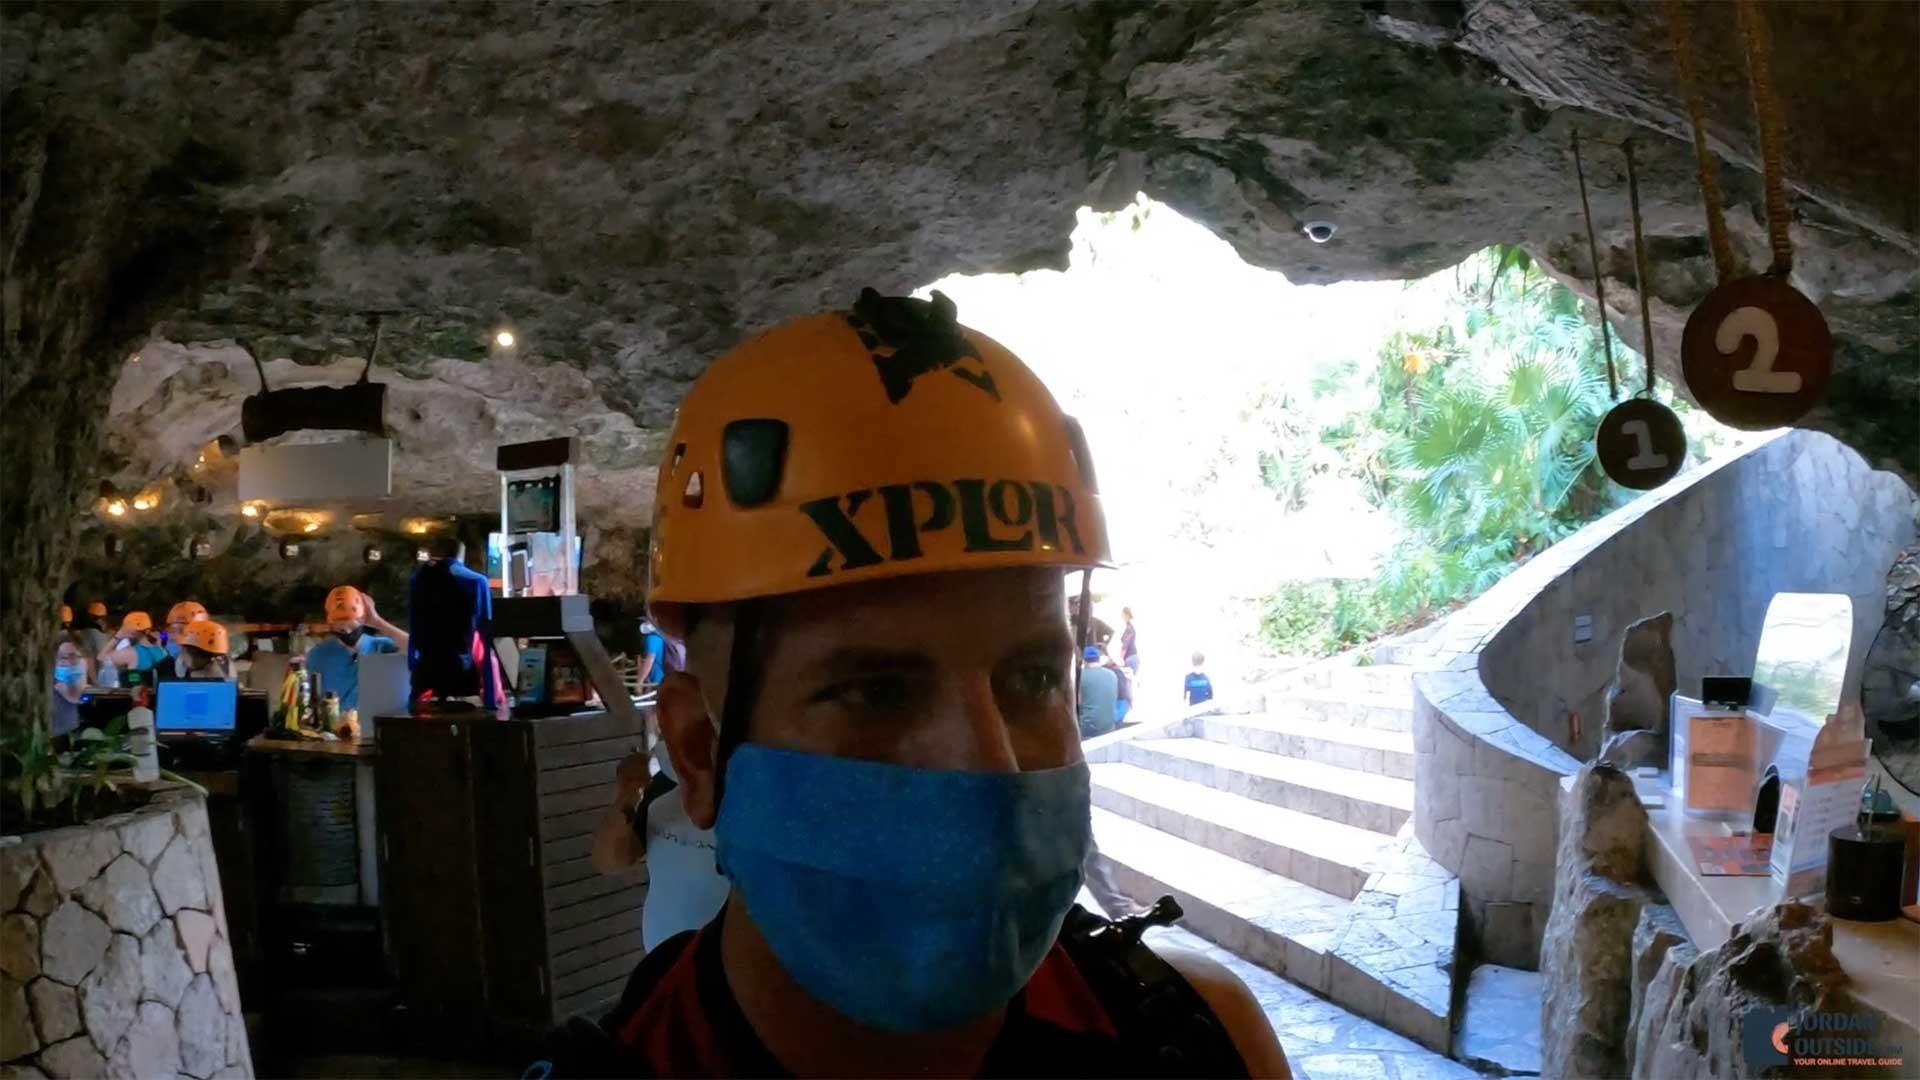 GoPro Helmet Mount at Xplor Park